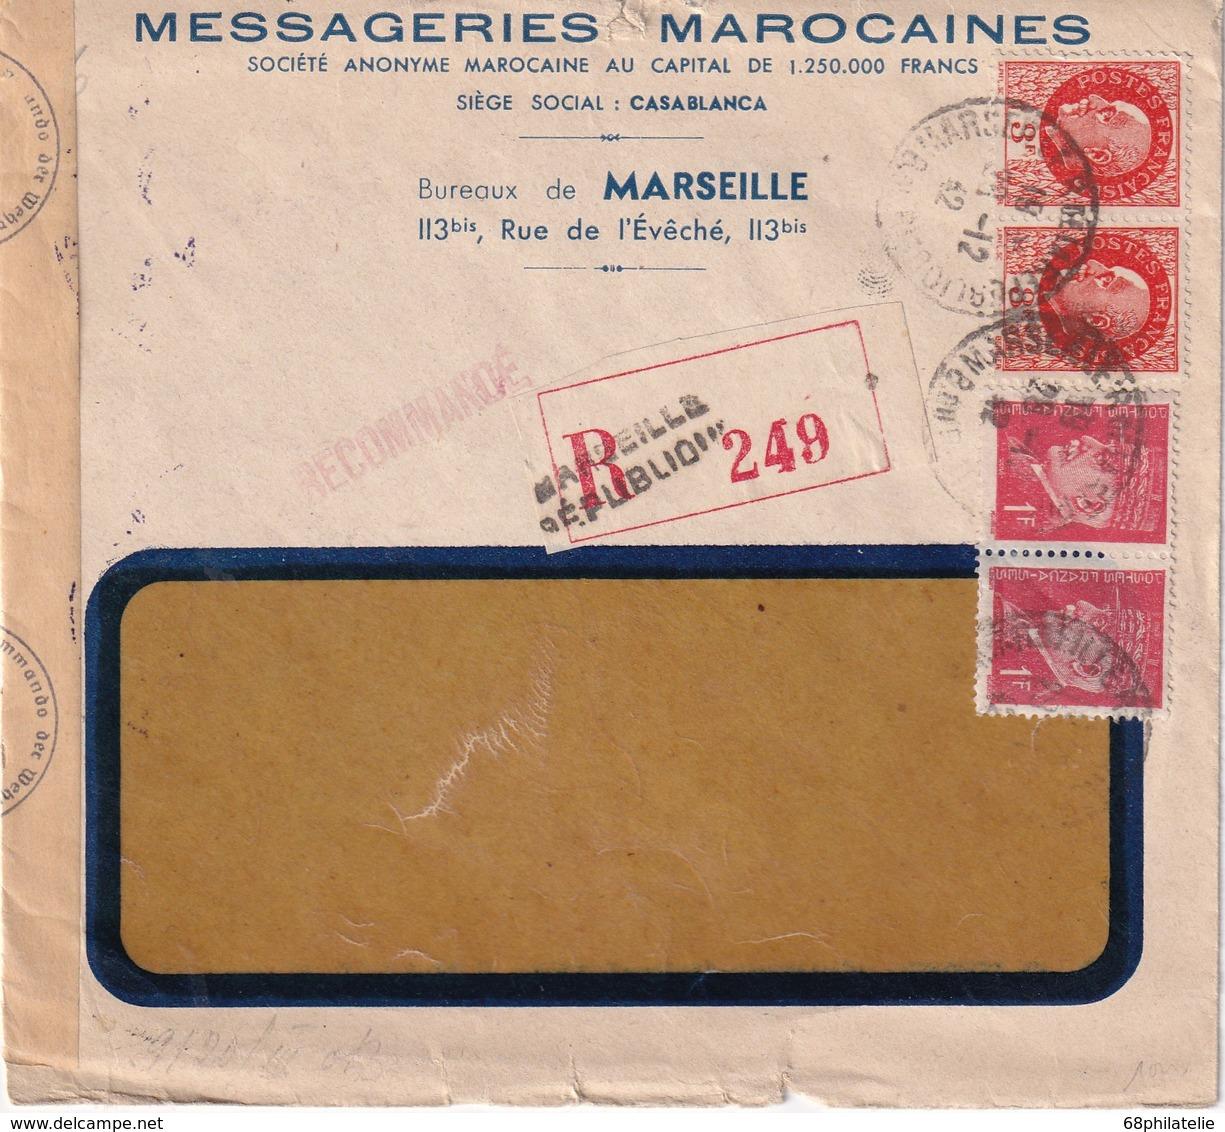 FRANCE 1942 LETTRE RECOMMANDEE CENSURE DE MARSEILLE AVEC CACHET ARRIVEE LARACHE ESPAGNE - Marcophilie (Lettres)